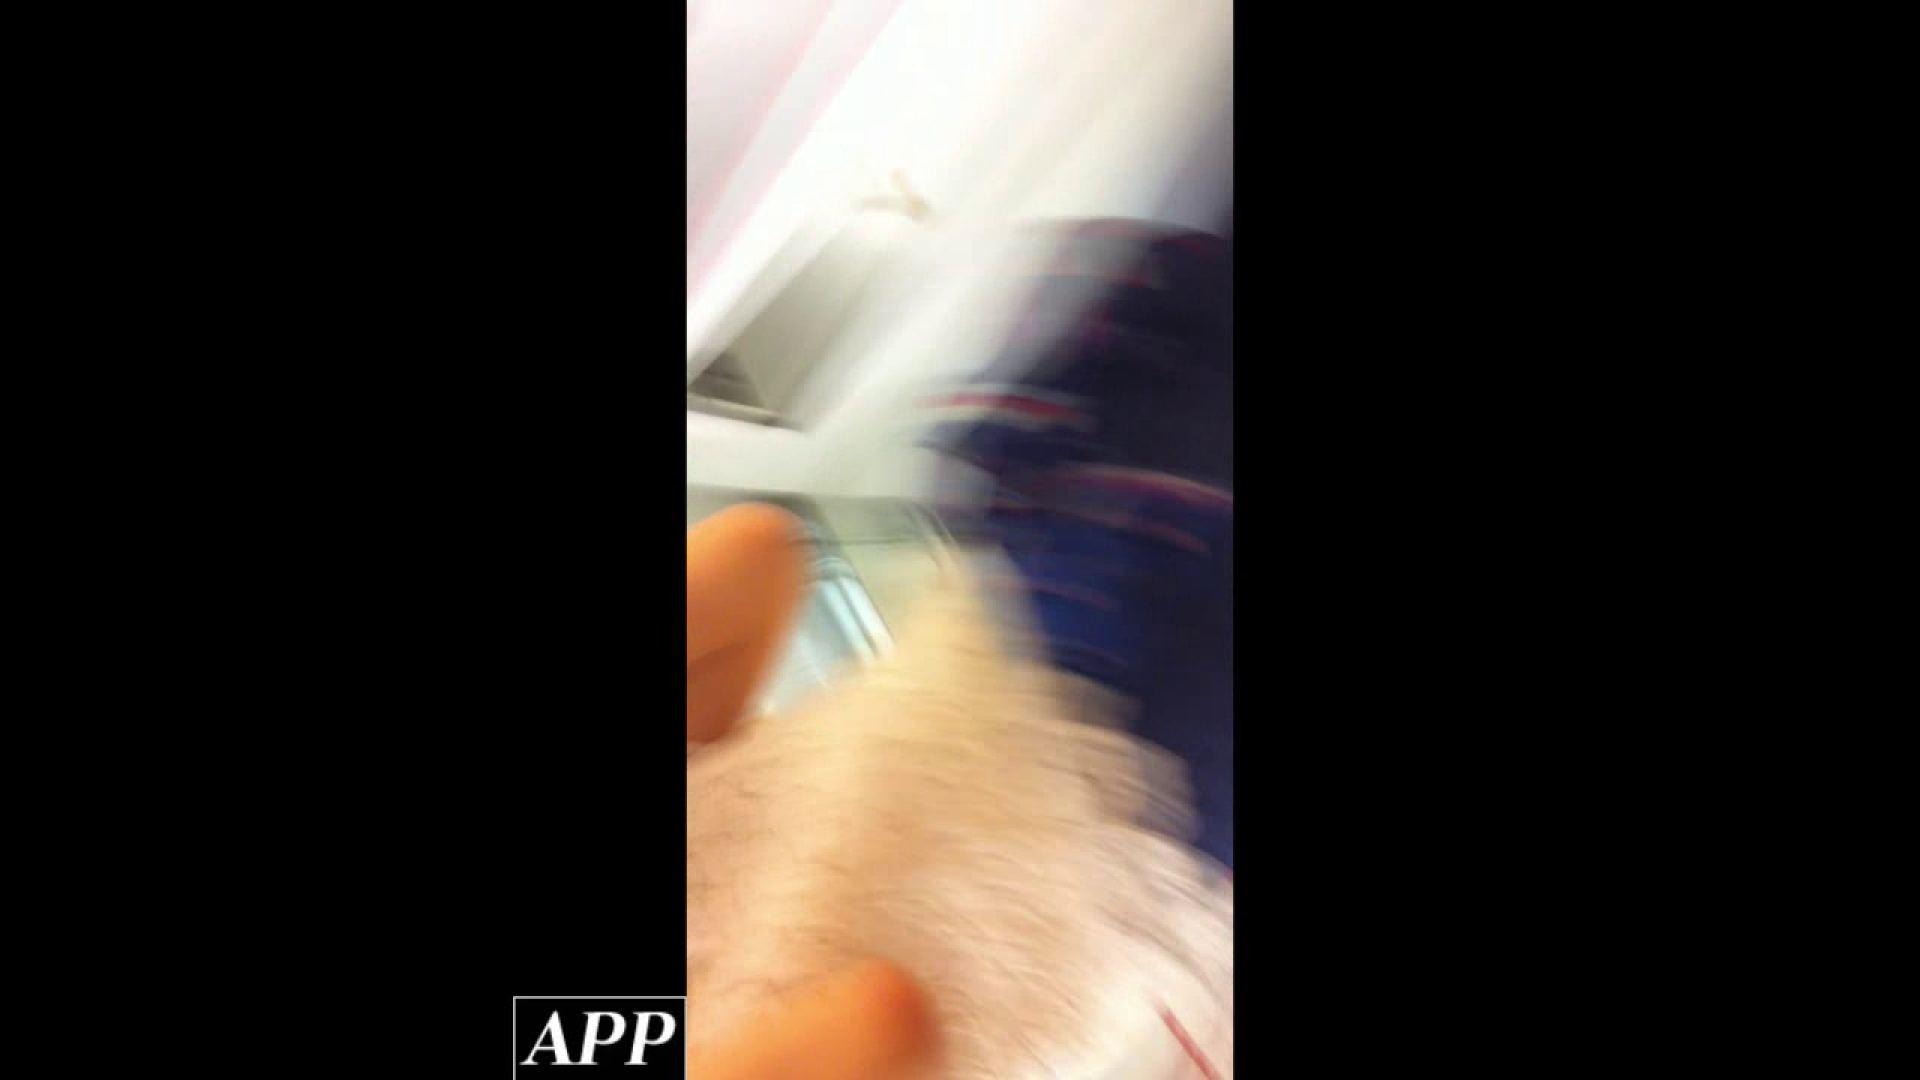 ハイビジョン盗撮!ショップ店員千人斬り!胸チラ編 vol.89 盗撮 オマンコ動画キャプチャ 113PICs 75